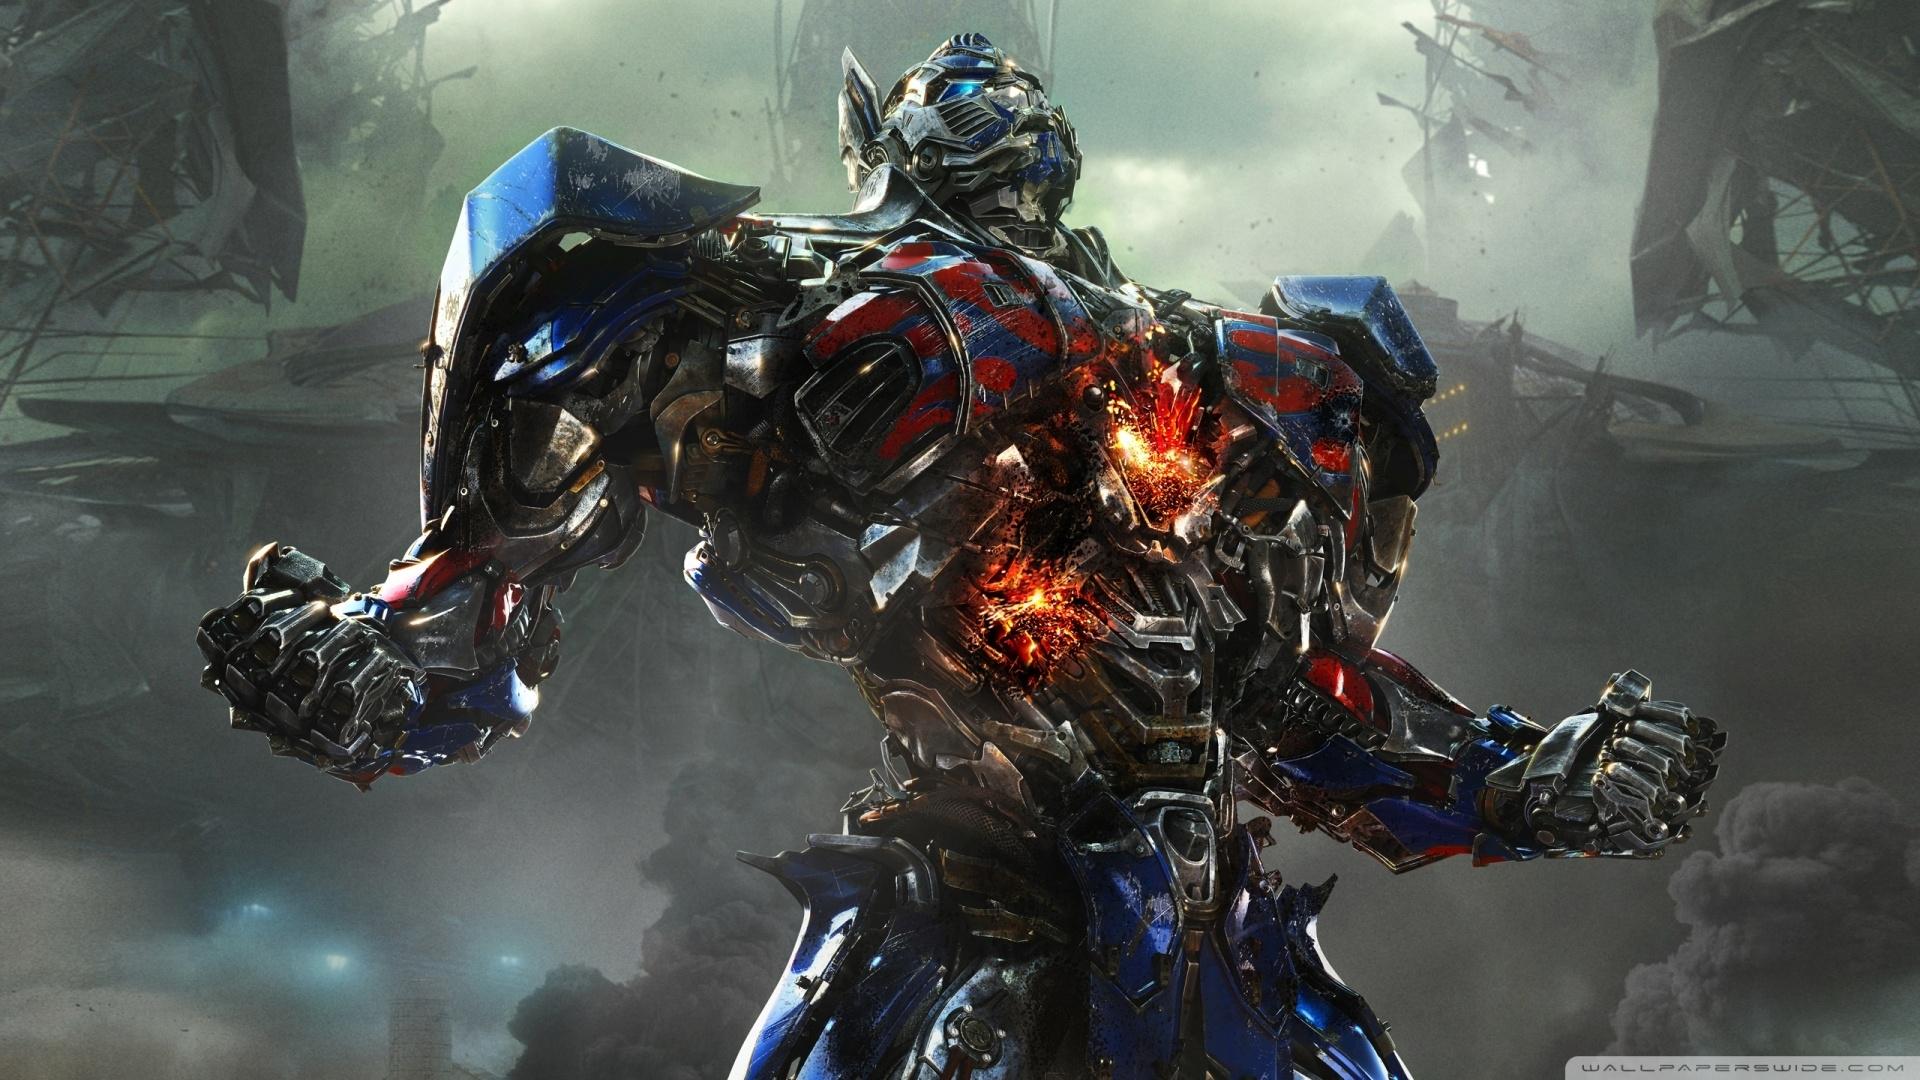 transformers 4 optimus prime ❤ 4k hd desktop wallpaper for 4k